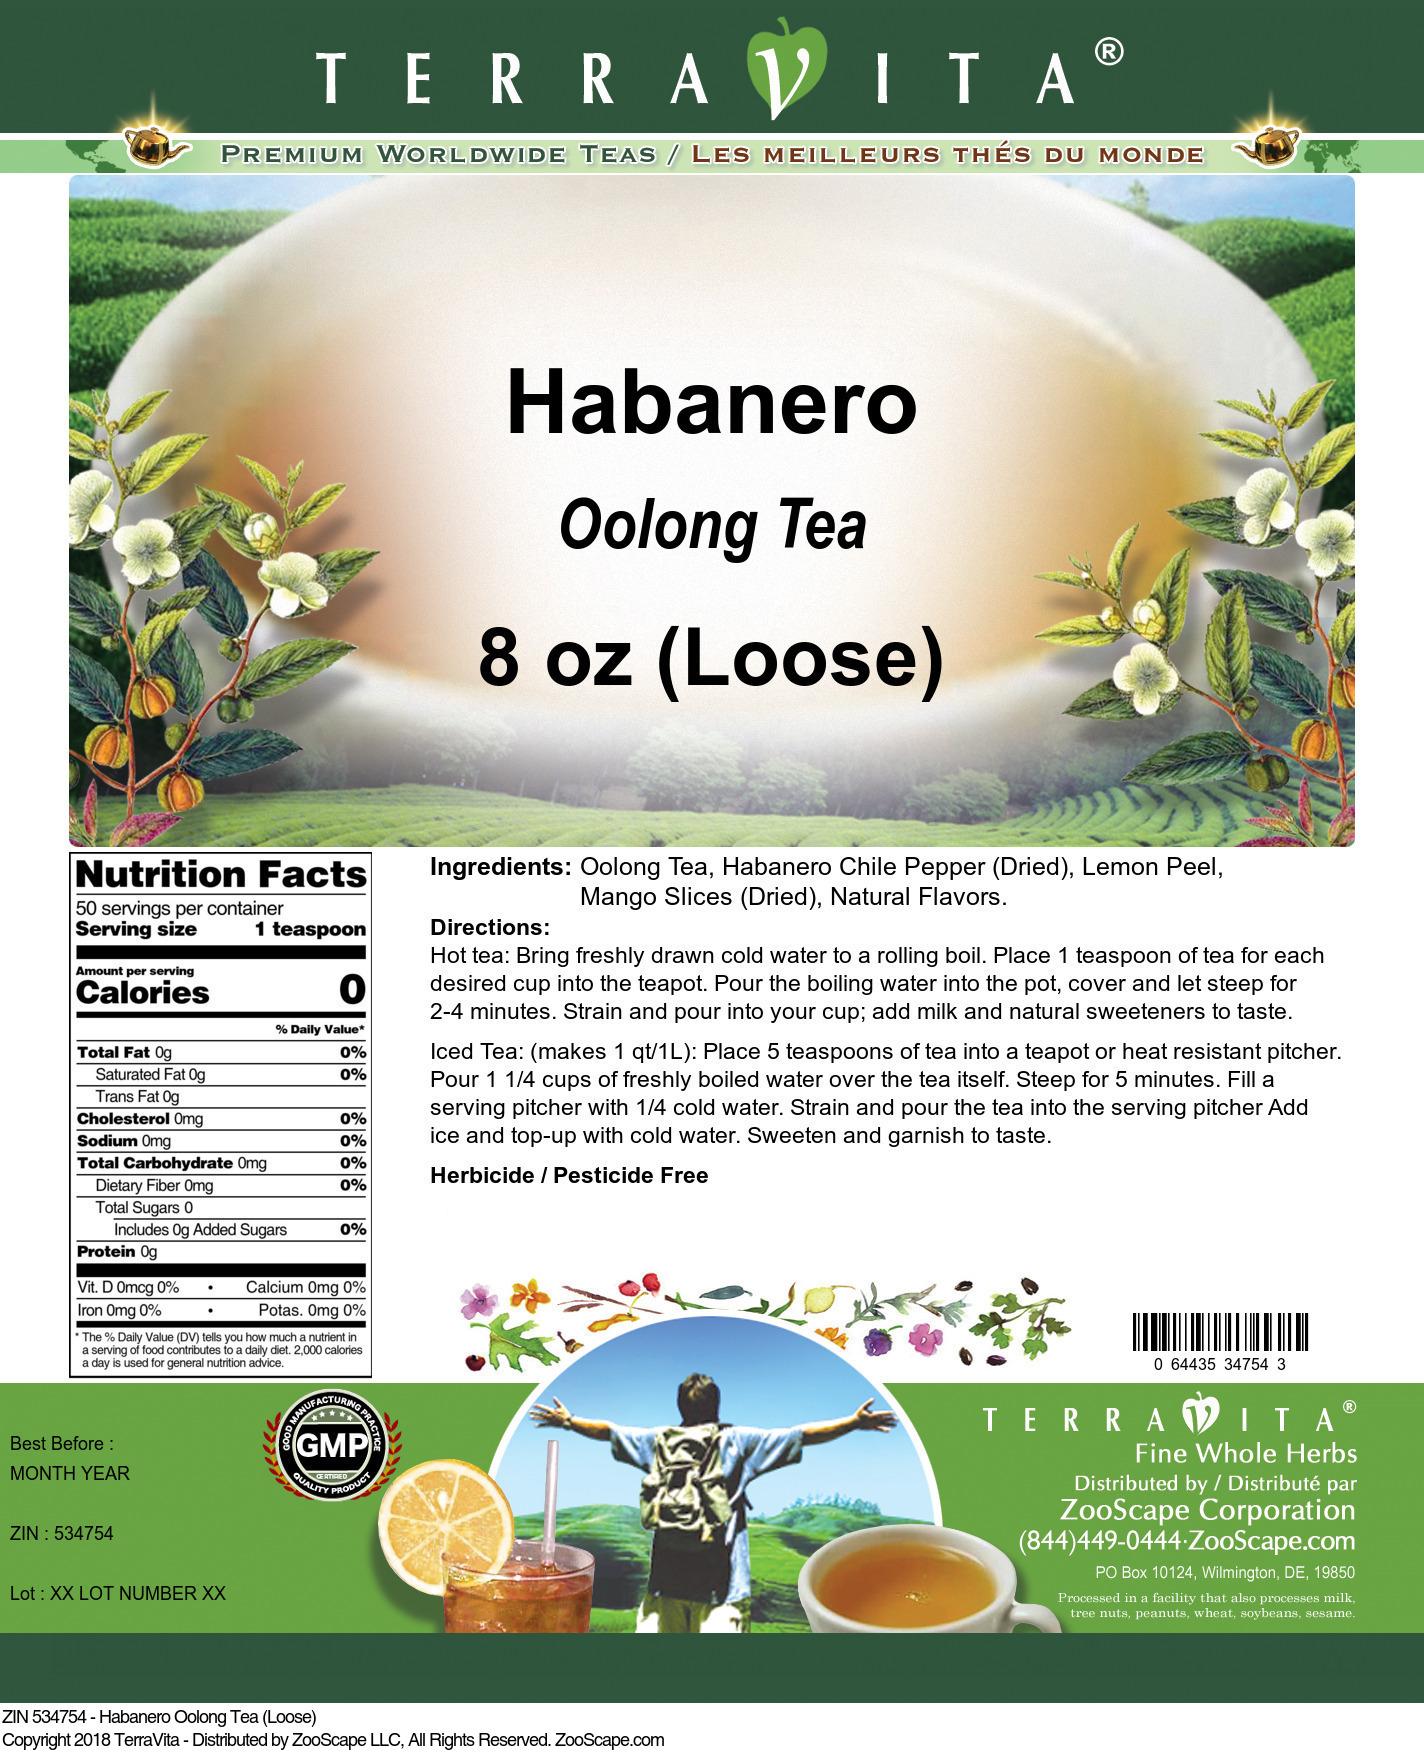 Habanero Oolong Tea